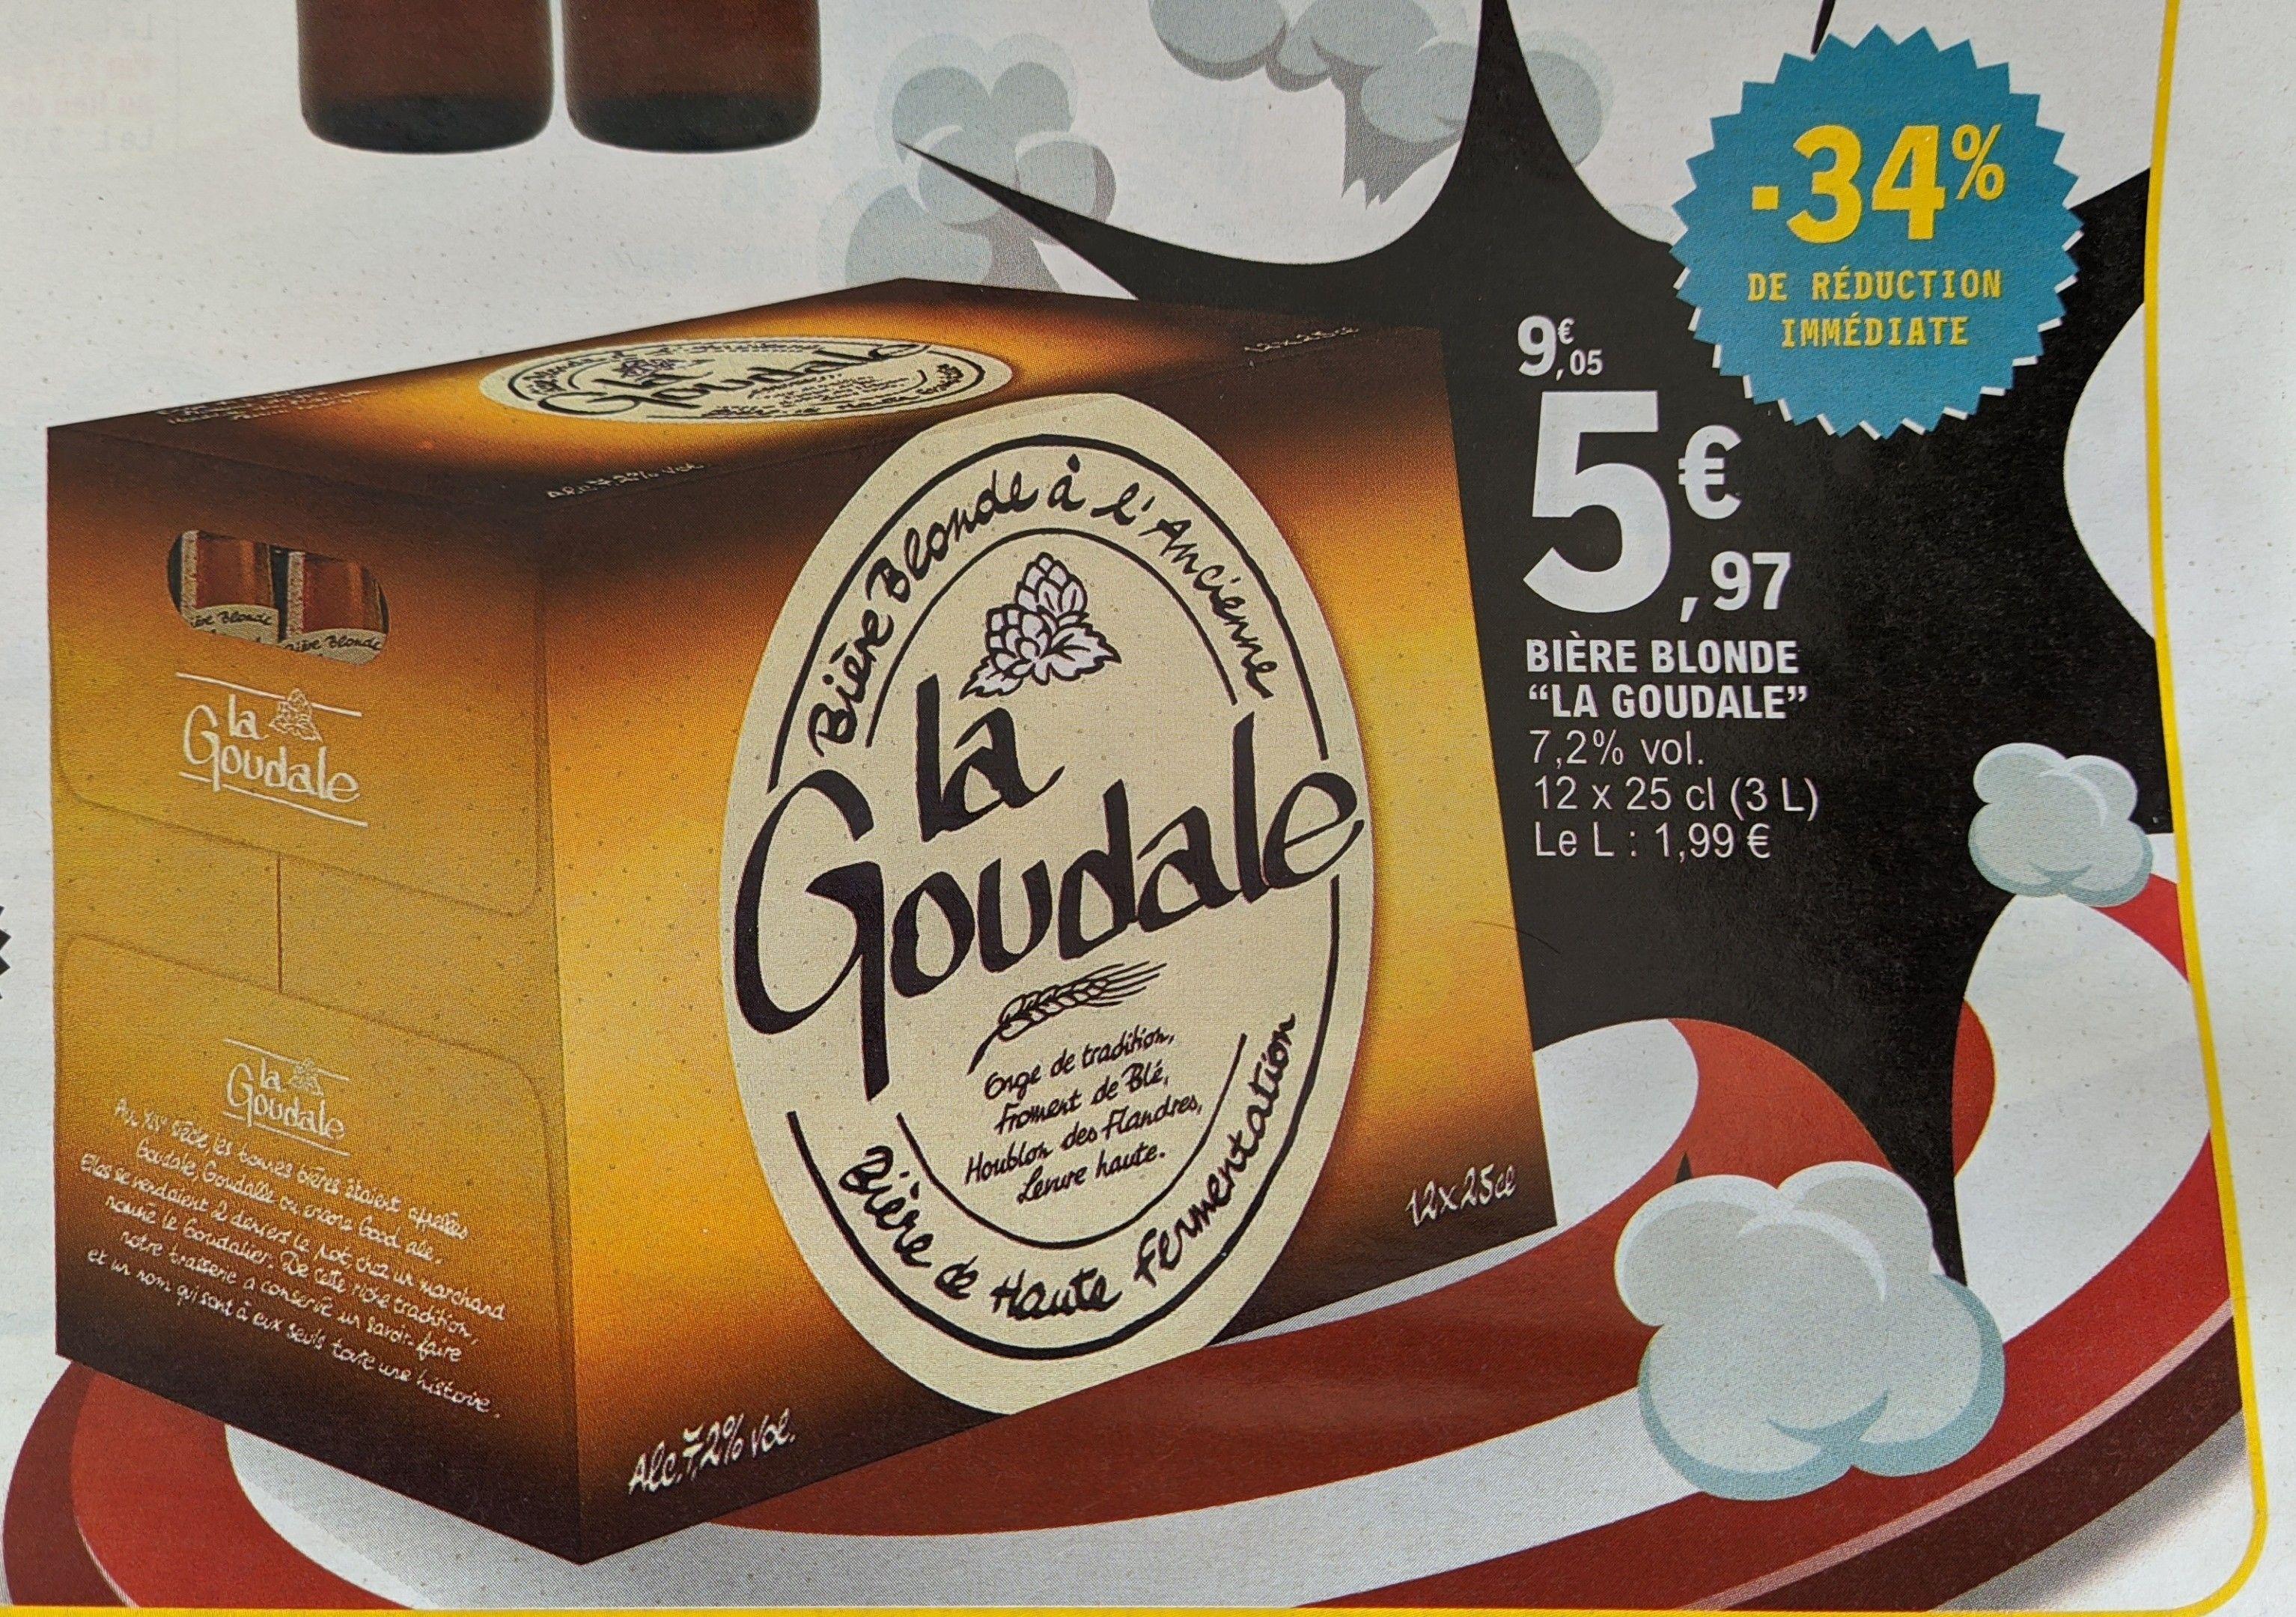 Pack de 12 Bières blondes La goudale - 12 x 25cl